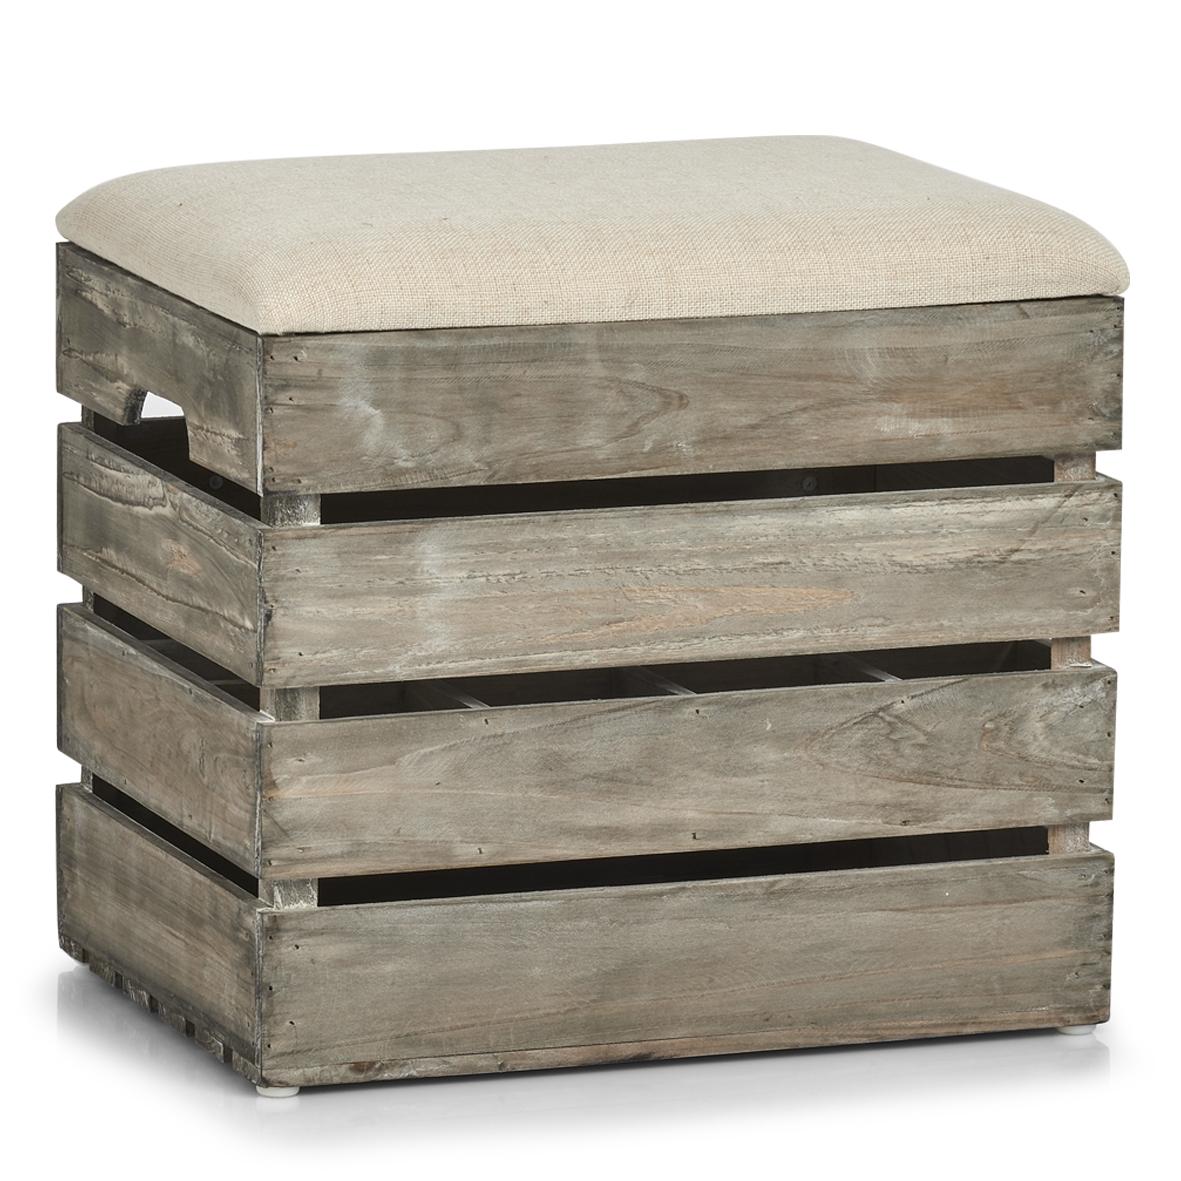 Taburet din lemn cu spatiu de depozitare, Wood Natural, l40xA29,5xH37 cm imagine